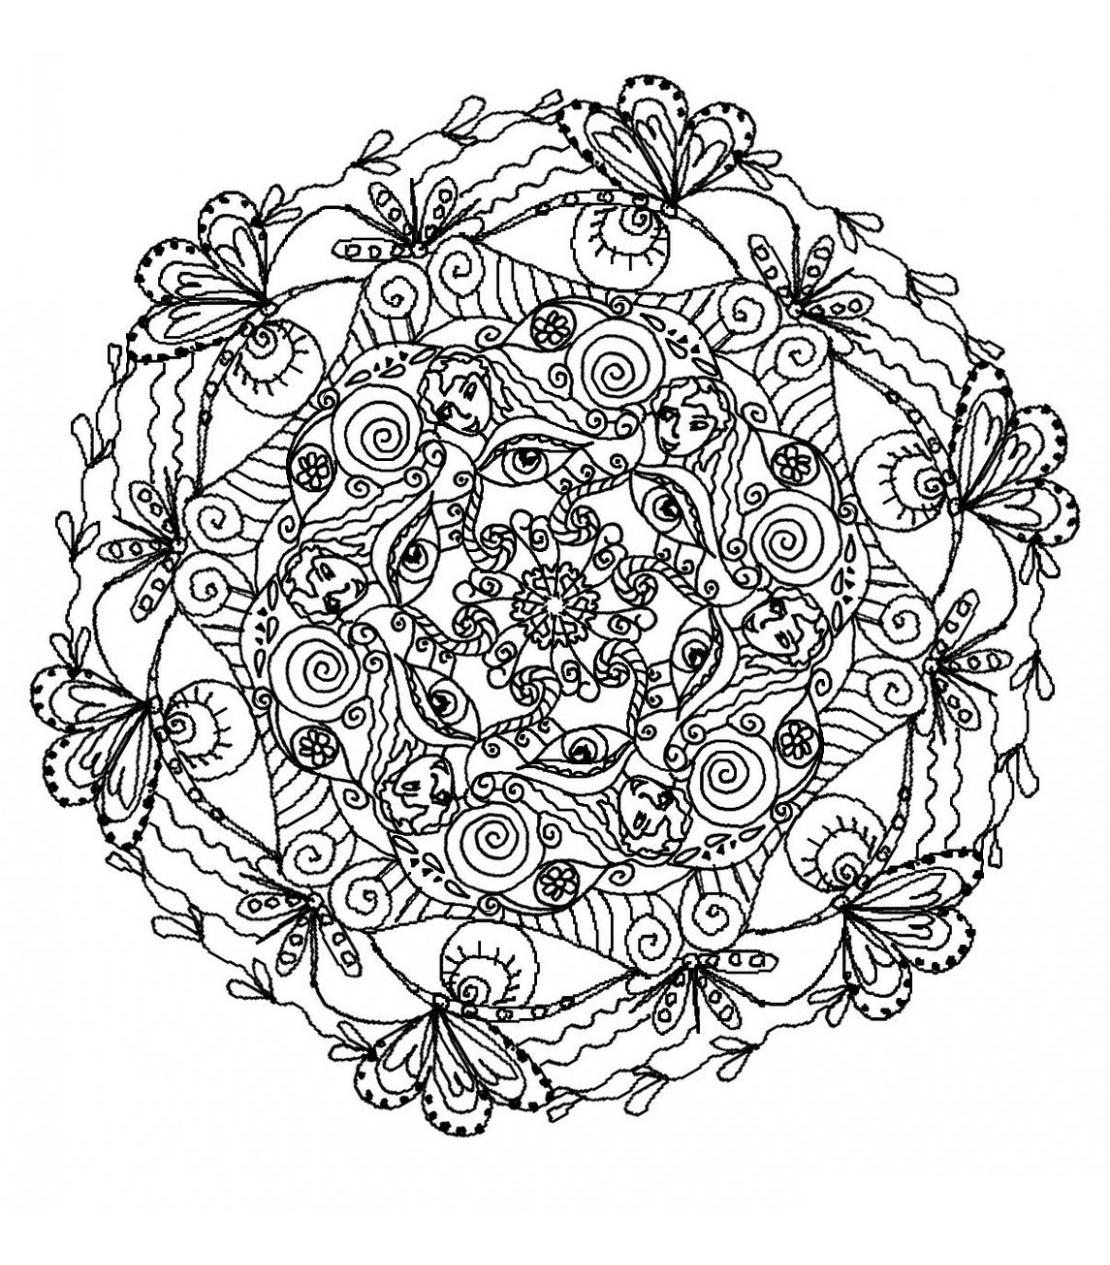 Mandala 5 Mandalas Coloriages Difficiles Pour Adultes